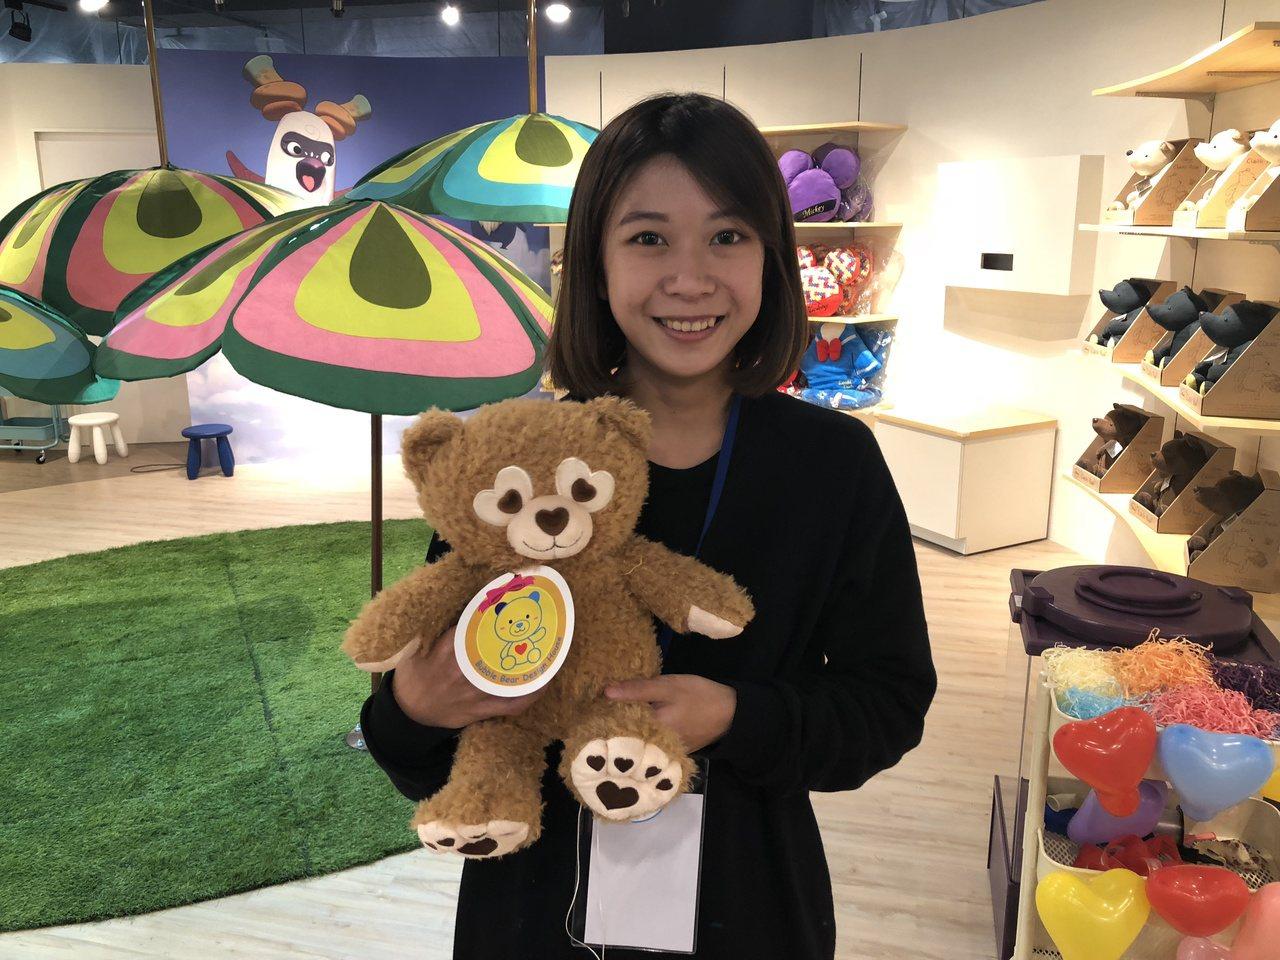 「泡泡熊」為讓孩子能DIY自製屬於自己的玩具熊。記者宋健生/攝影